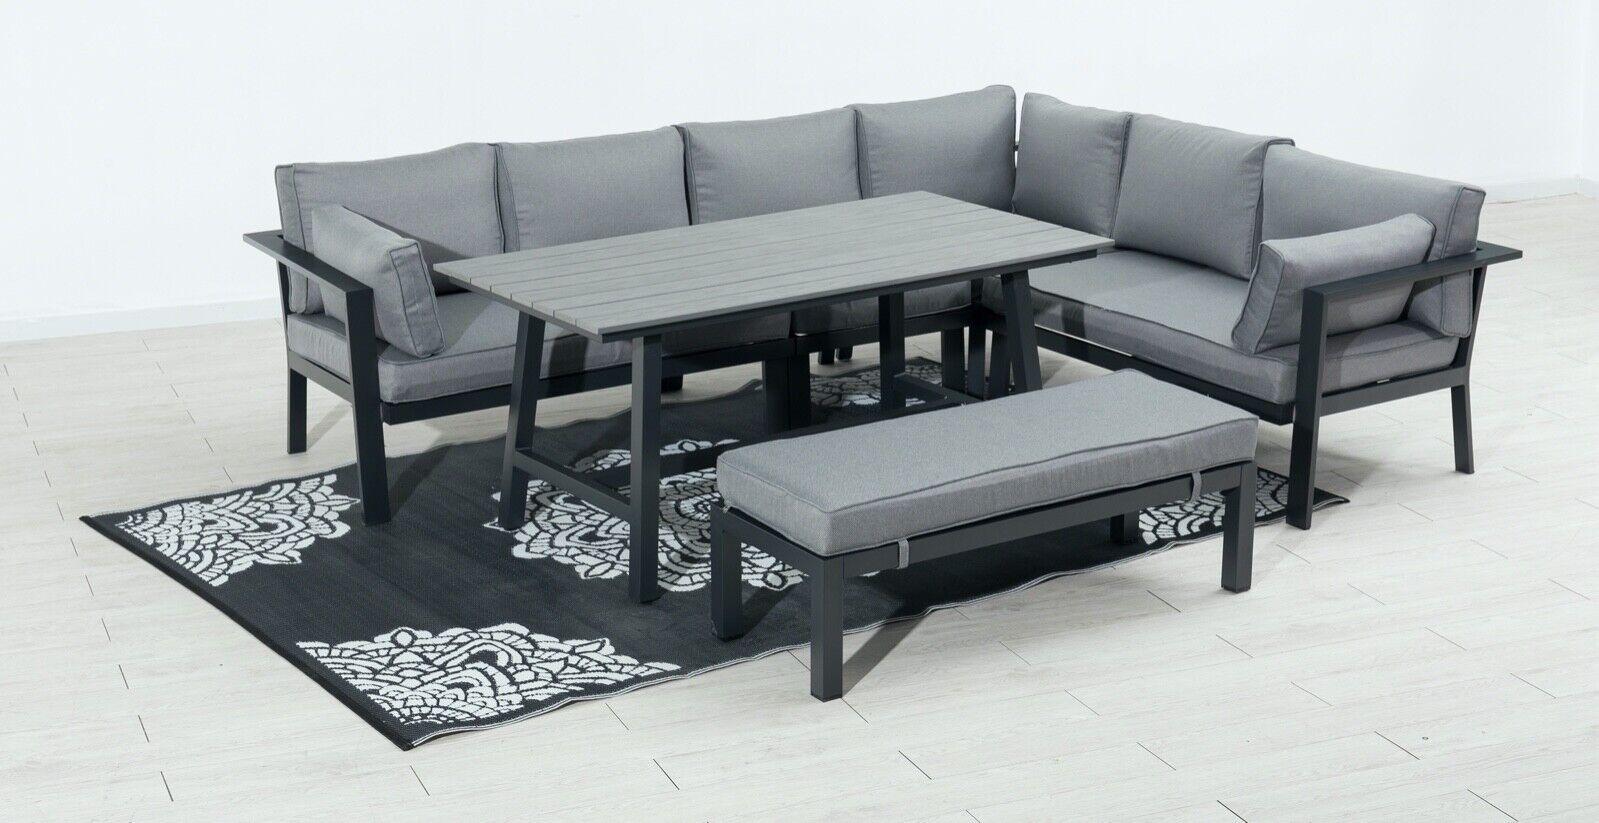 Alu Dining Eck Lounge Set Rechtsschenklig  Sitzgruppe Gartenmöbel Essgruppe NEU